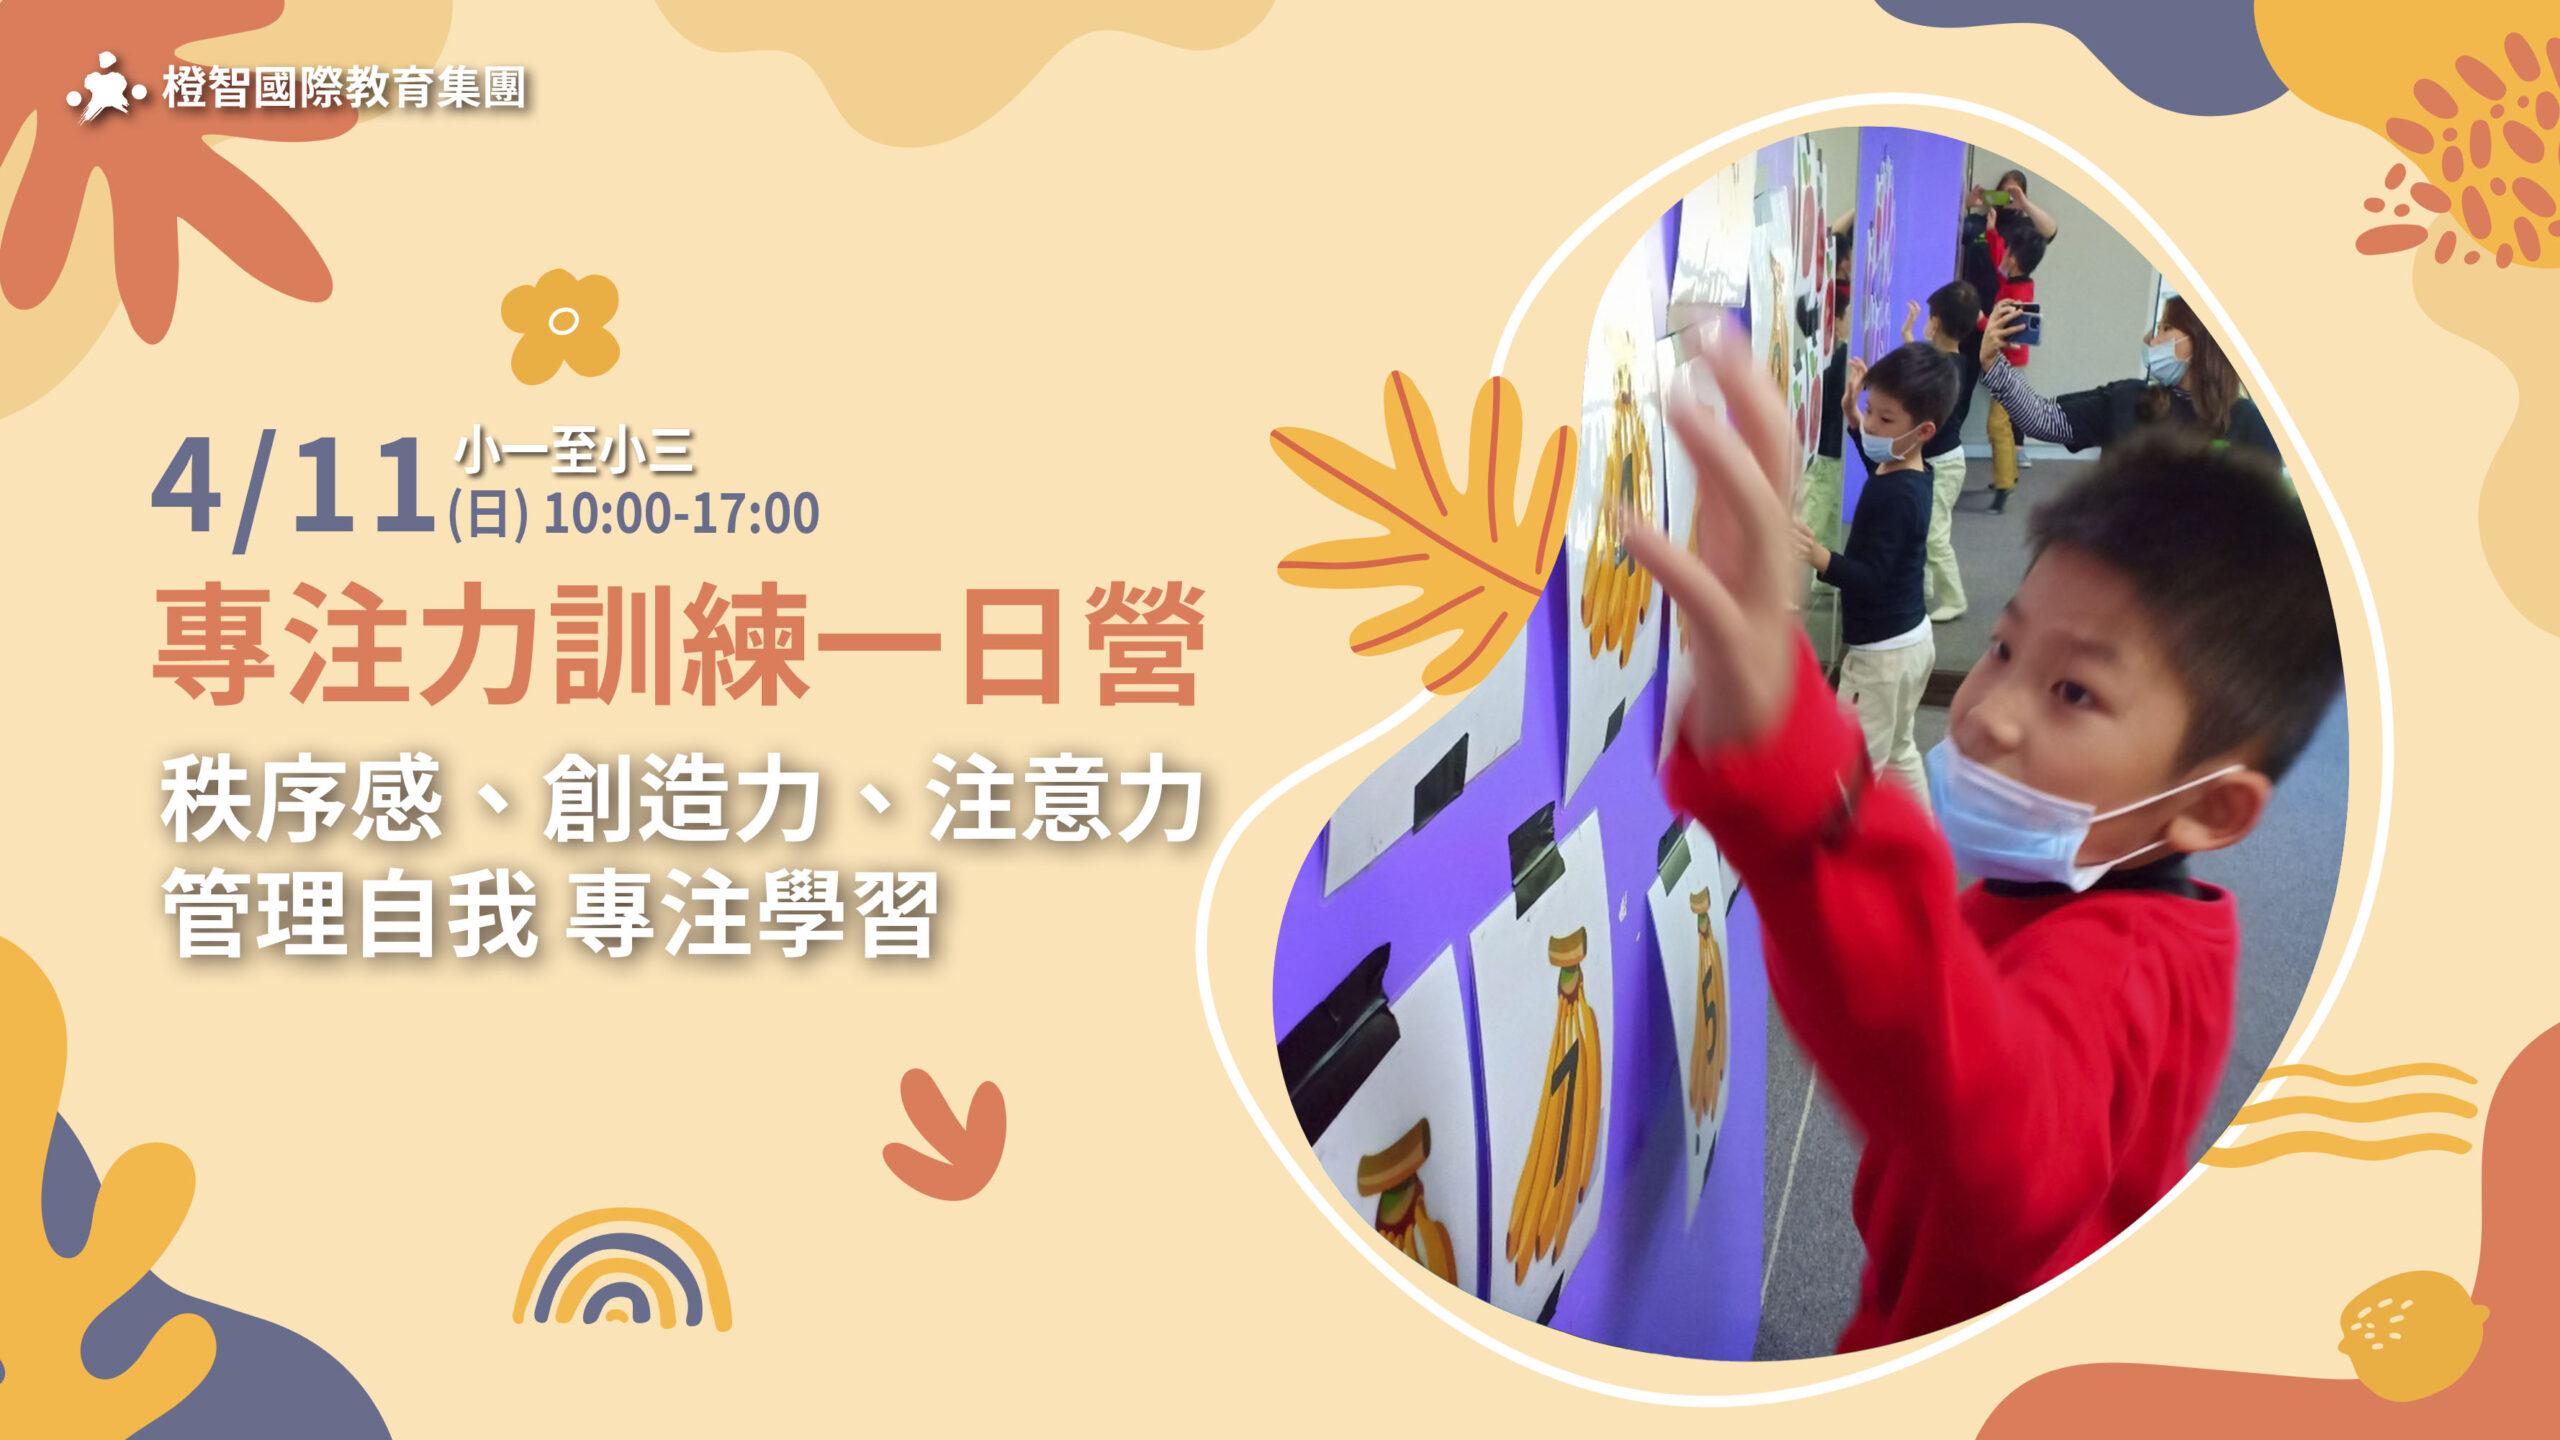 4/11(日)專注力訓練一日營【台北班】,圓滿結業!